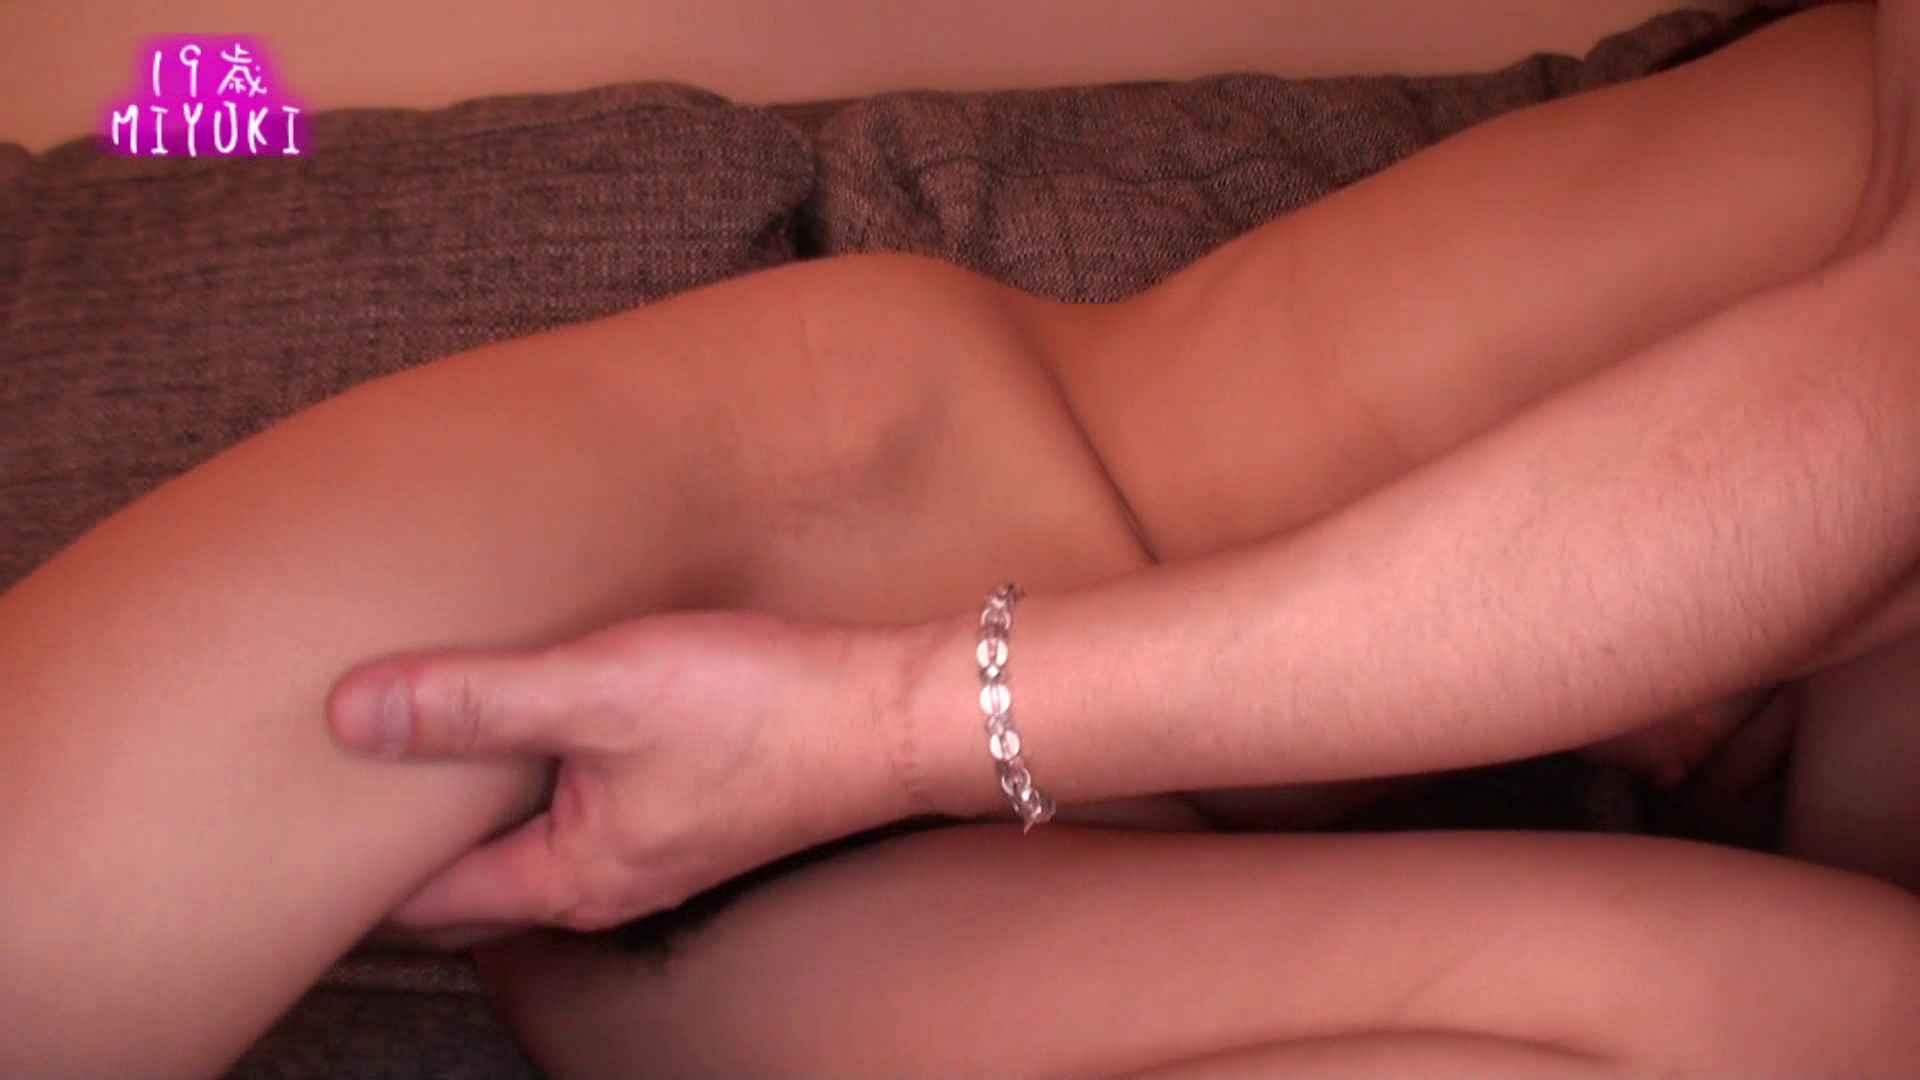 19歳MIYUKIちゃんのフェラ気持ち良さそうです 素人流出動画 | メーカー直接買い取り  81枚 19